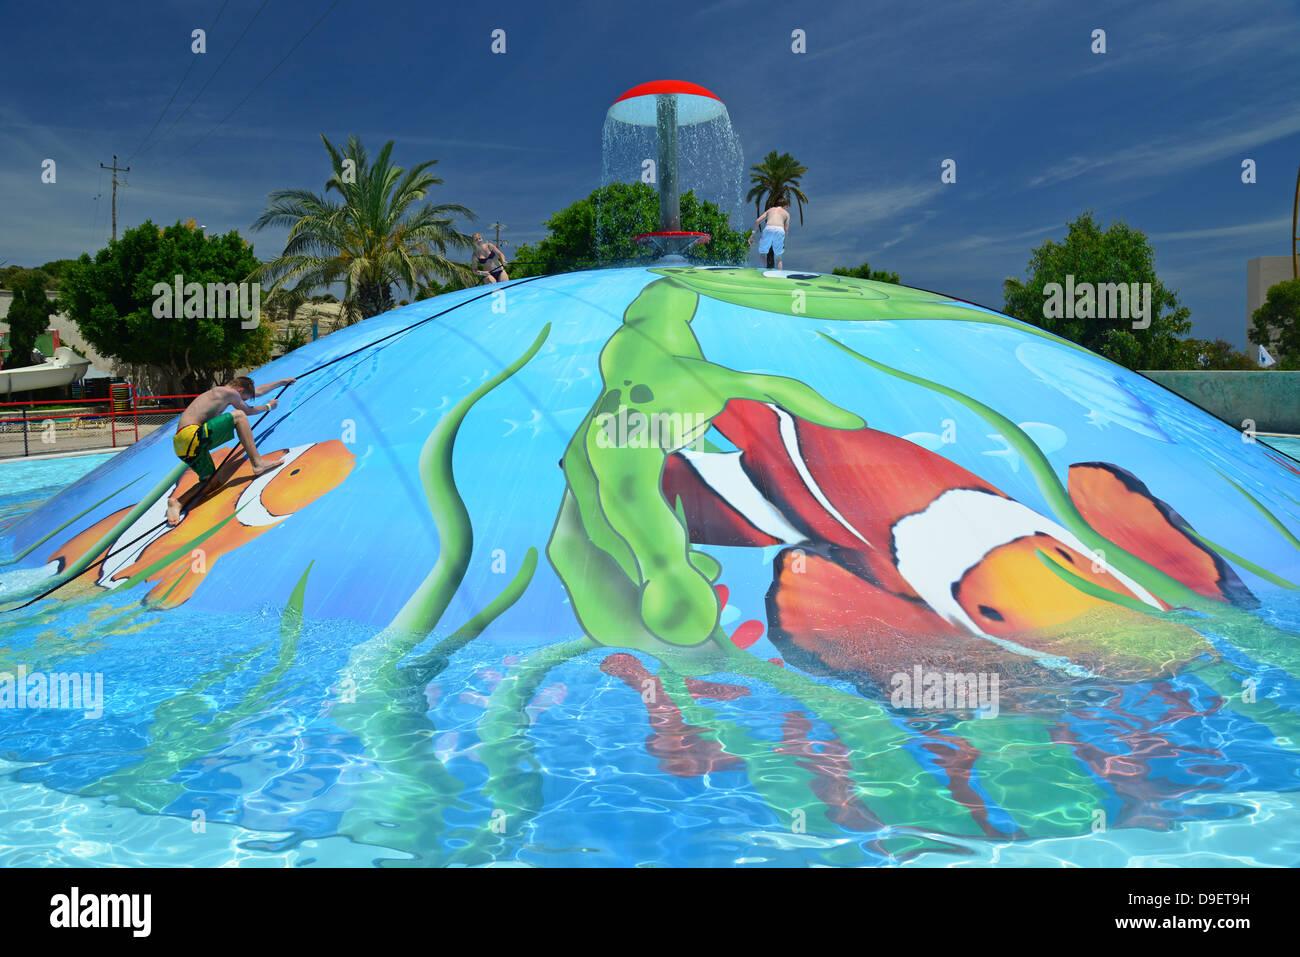 Rhodos Karte Faliraki.Slide Dome At Kid S Area At Faliraki Water Park Faliraki Rhodes